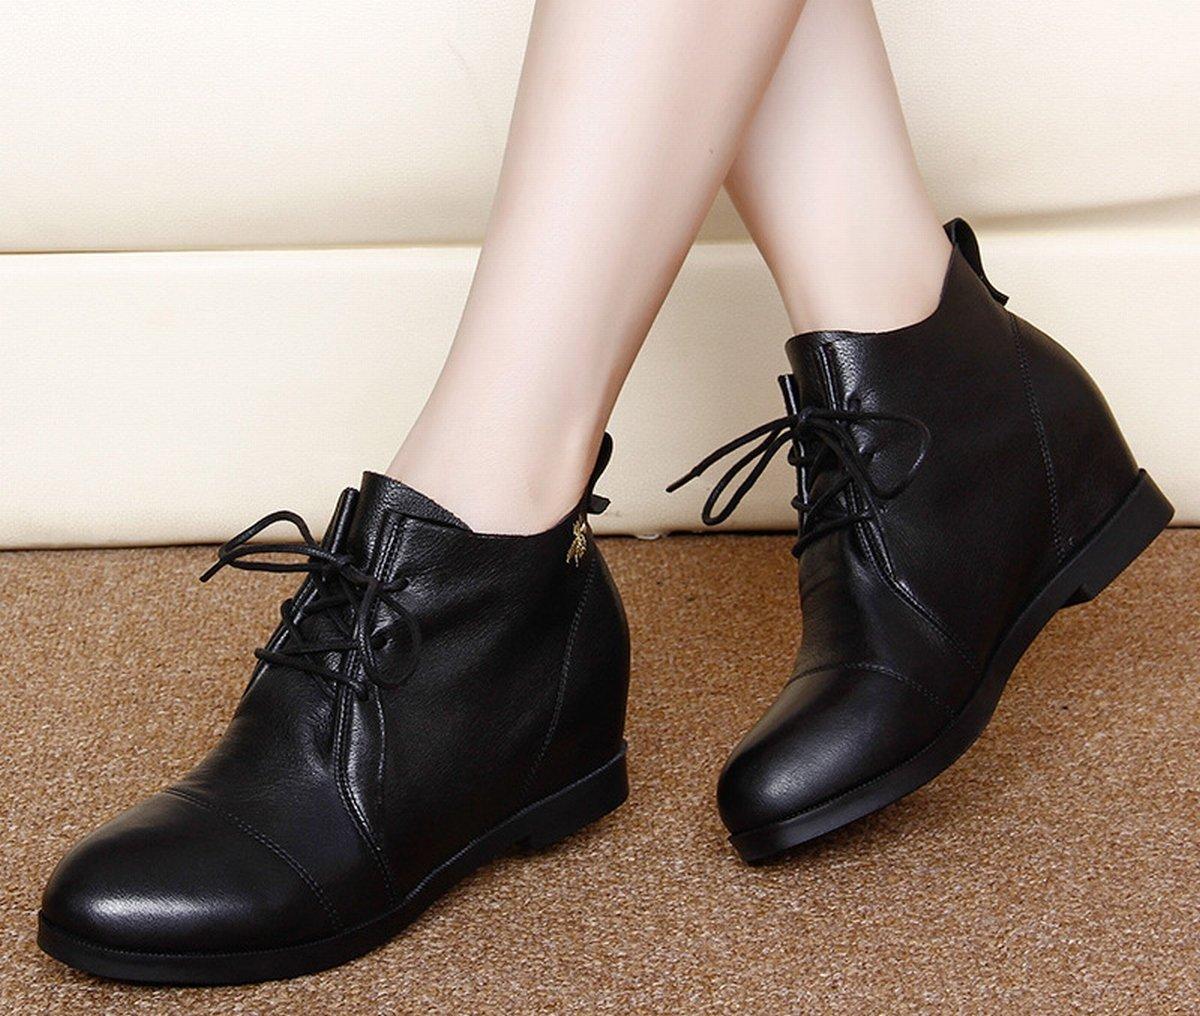 YTTY Bottes Plates dans l'augHommestation des Bottes en Dentelle Chaussures Décontractées Et Chaussures De Cheville Noir 35